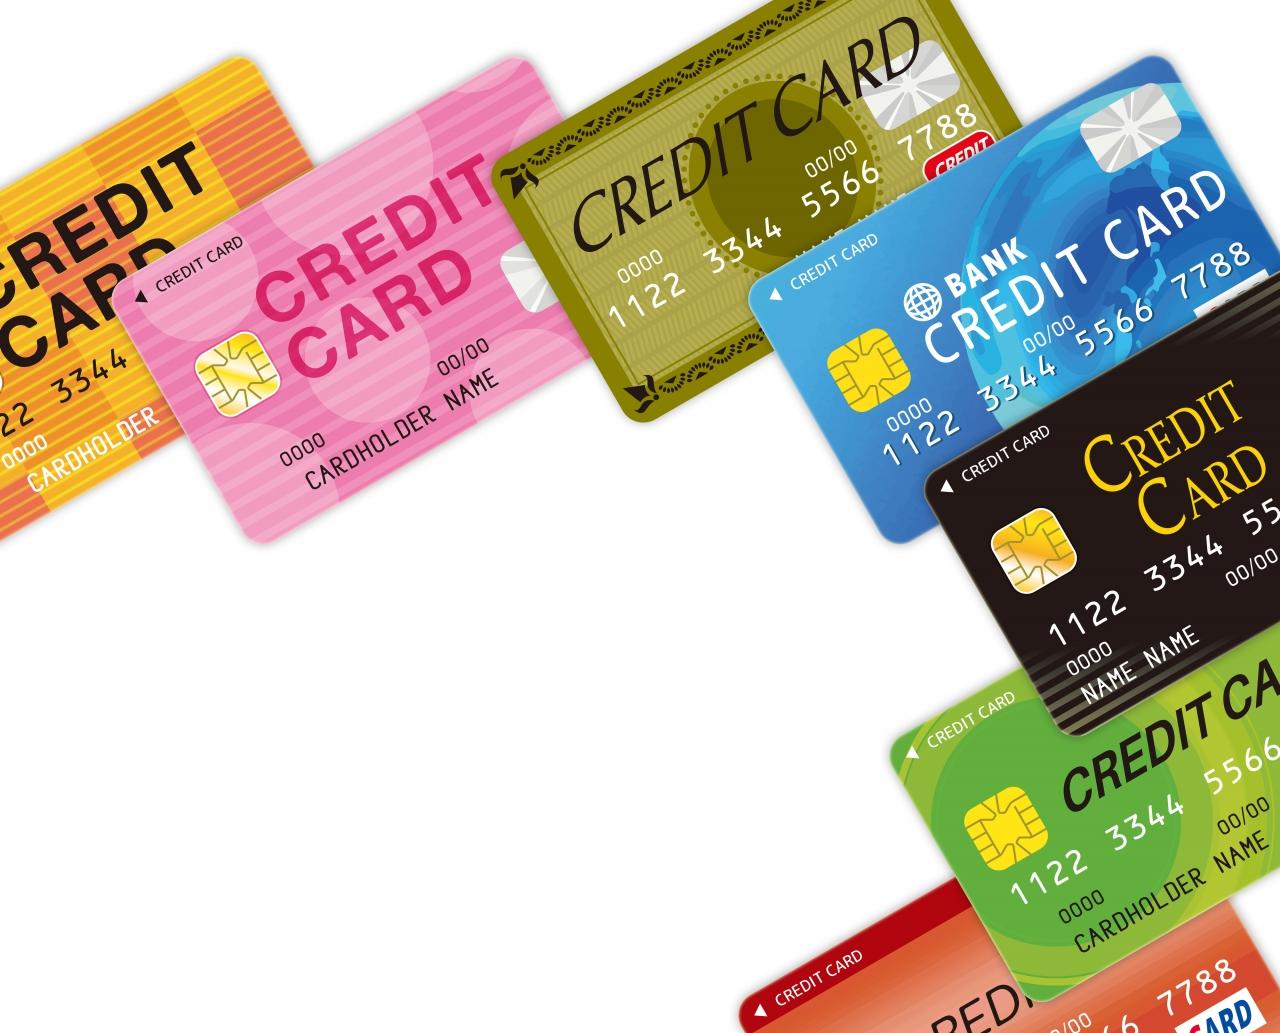 クレジットカードを選ぶコツとは?一番お得なクレジットカードなんて存在しない!?